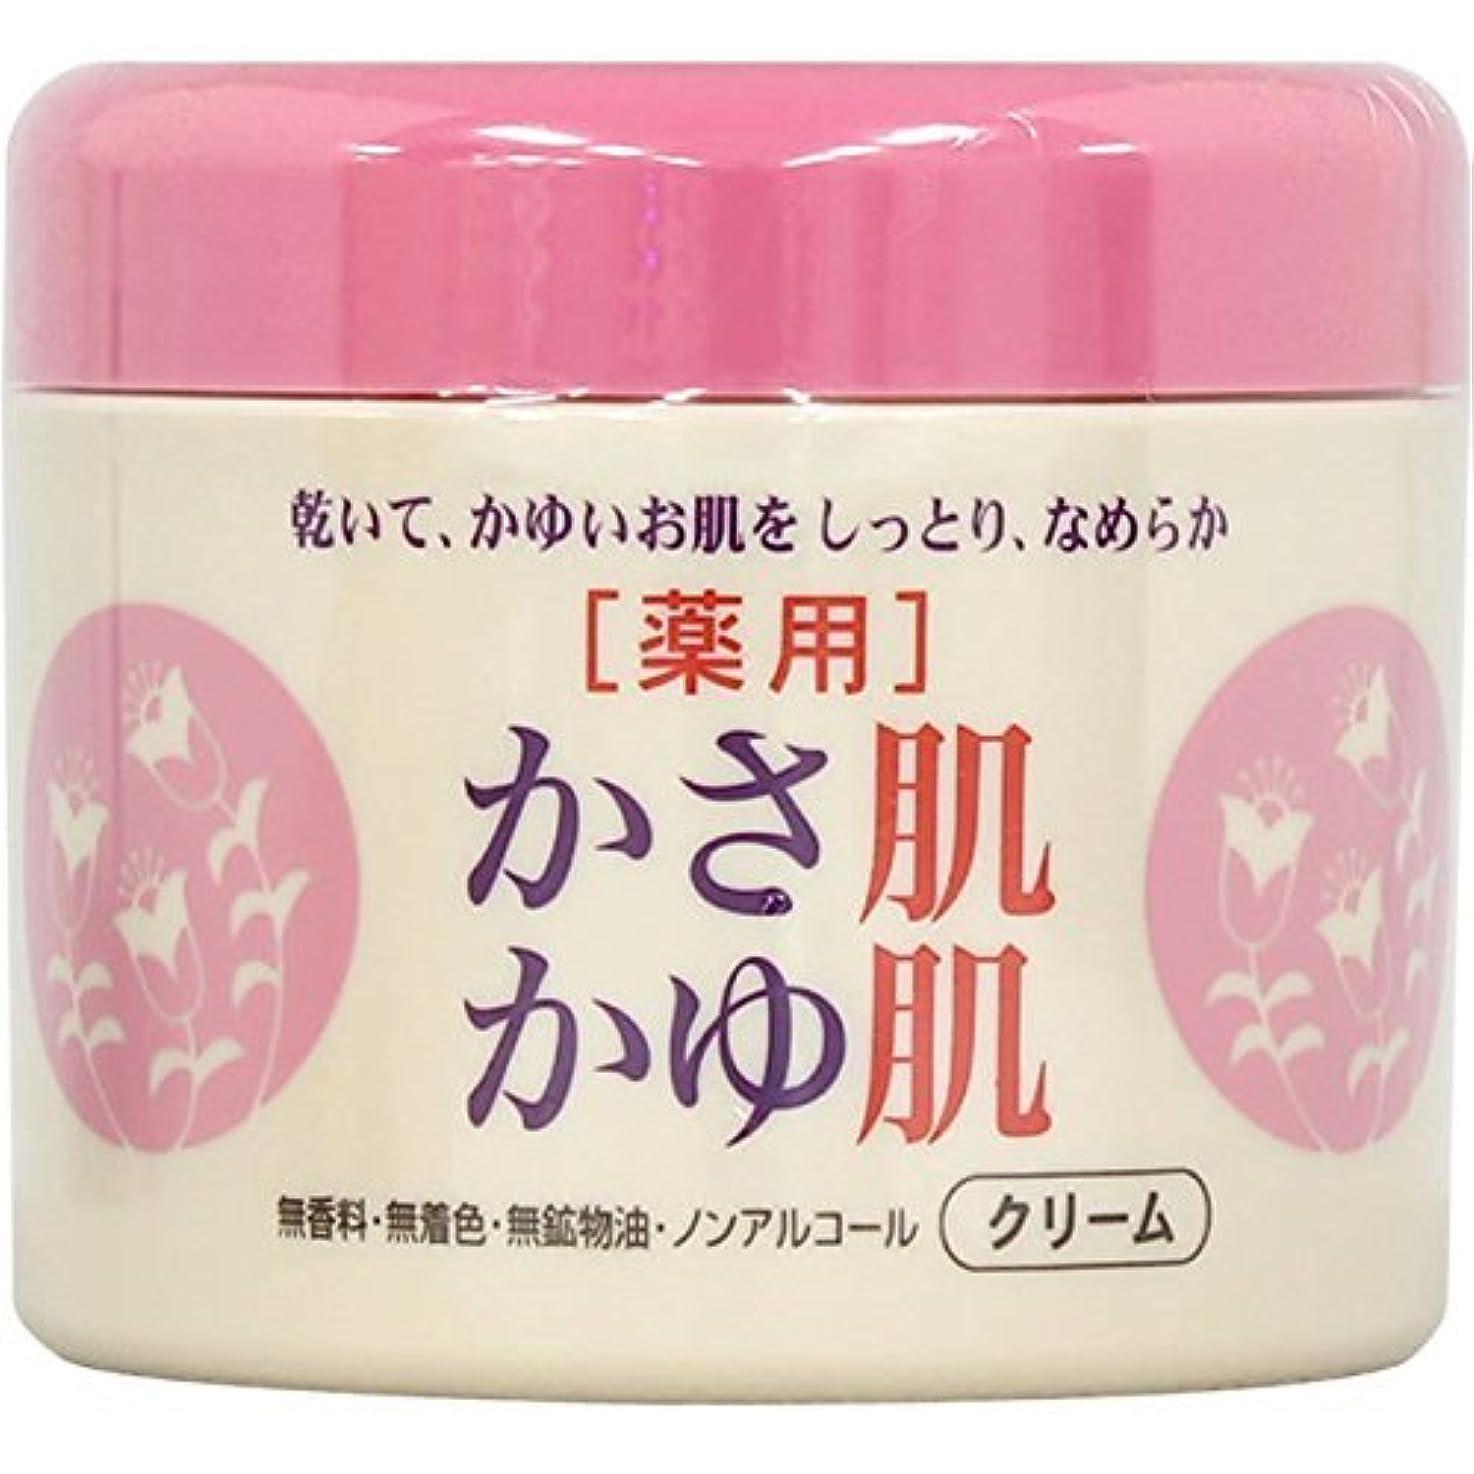 騒乱きゅうりスリルMK 薬用 かさ肌かゆ肌ミルキークリーム 280g (医薬部外品)